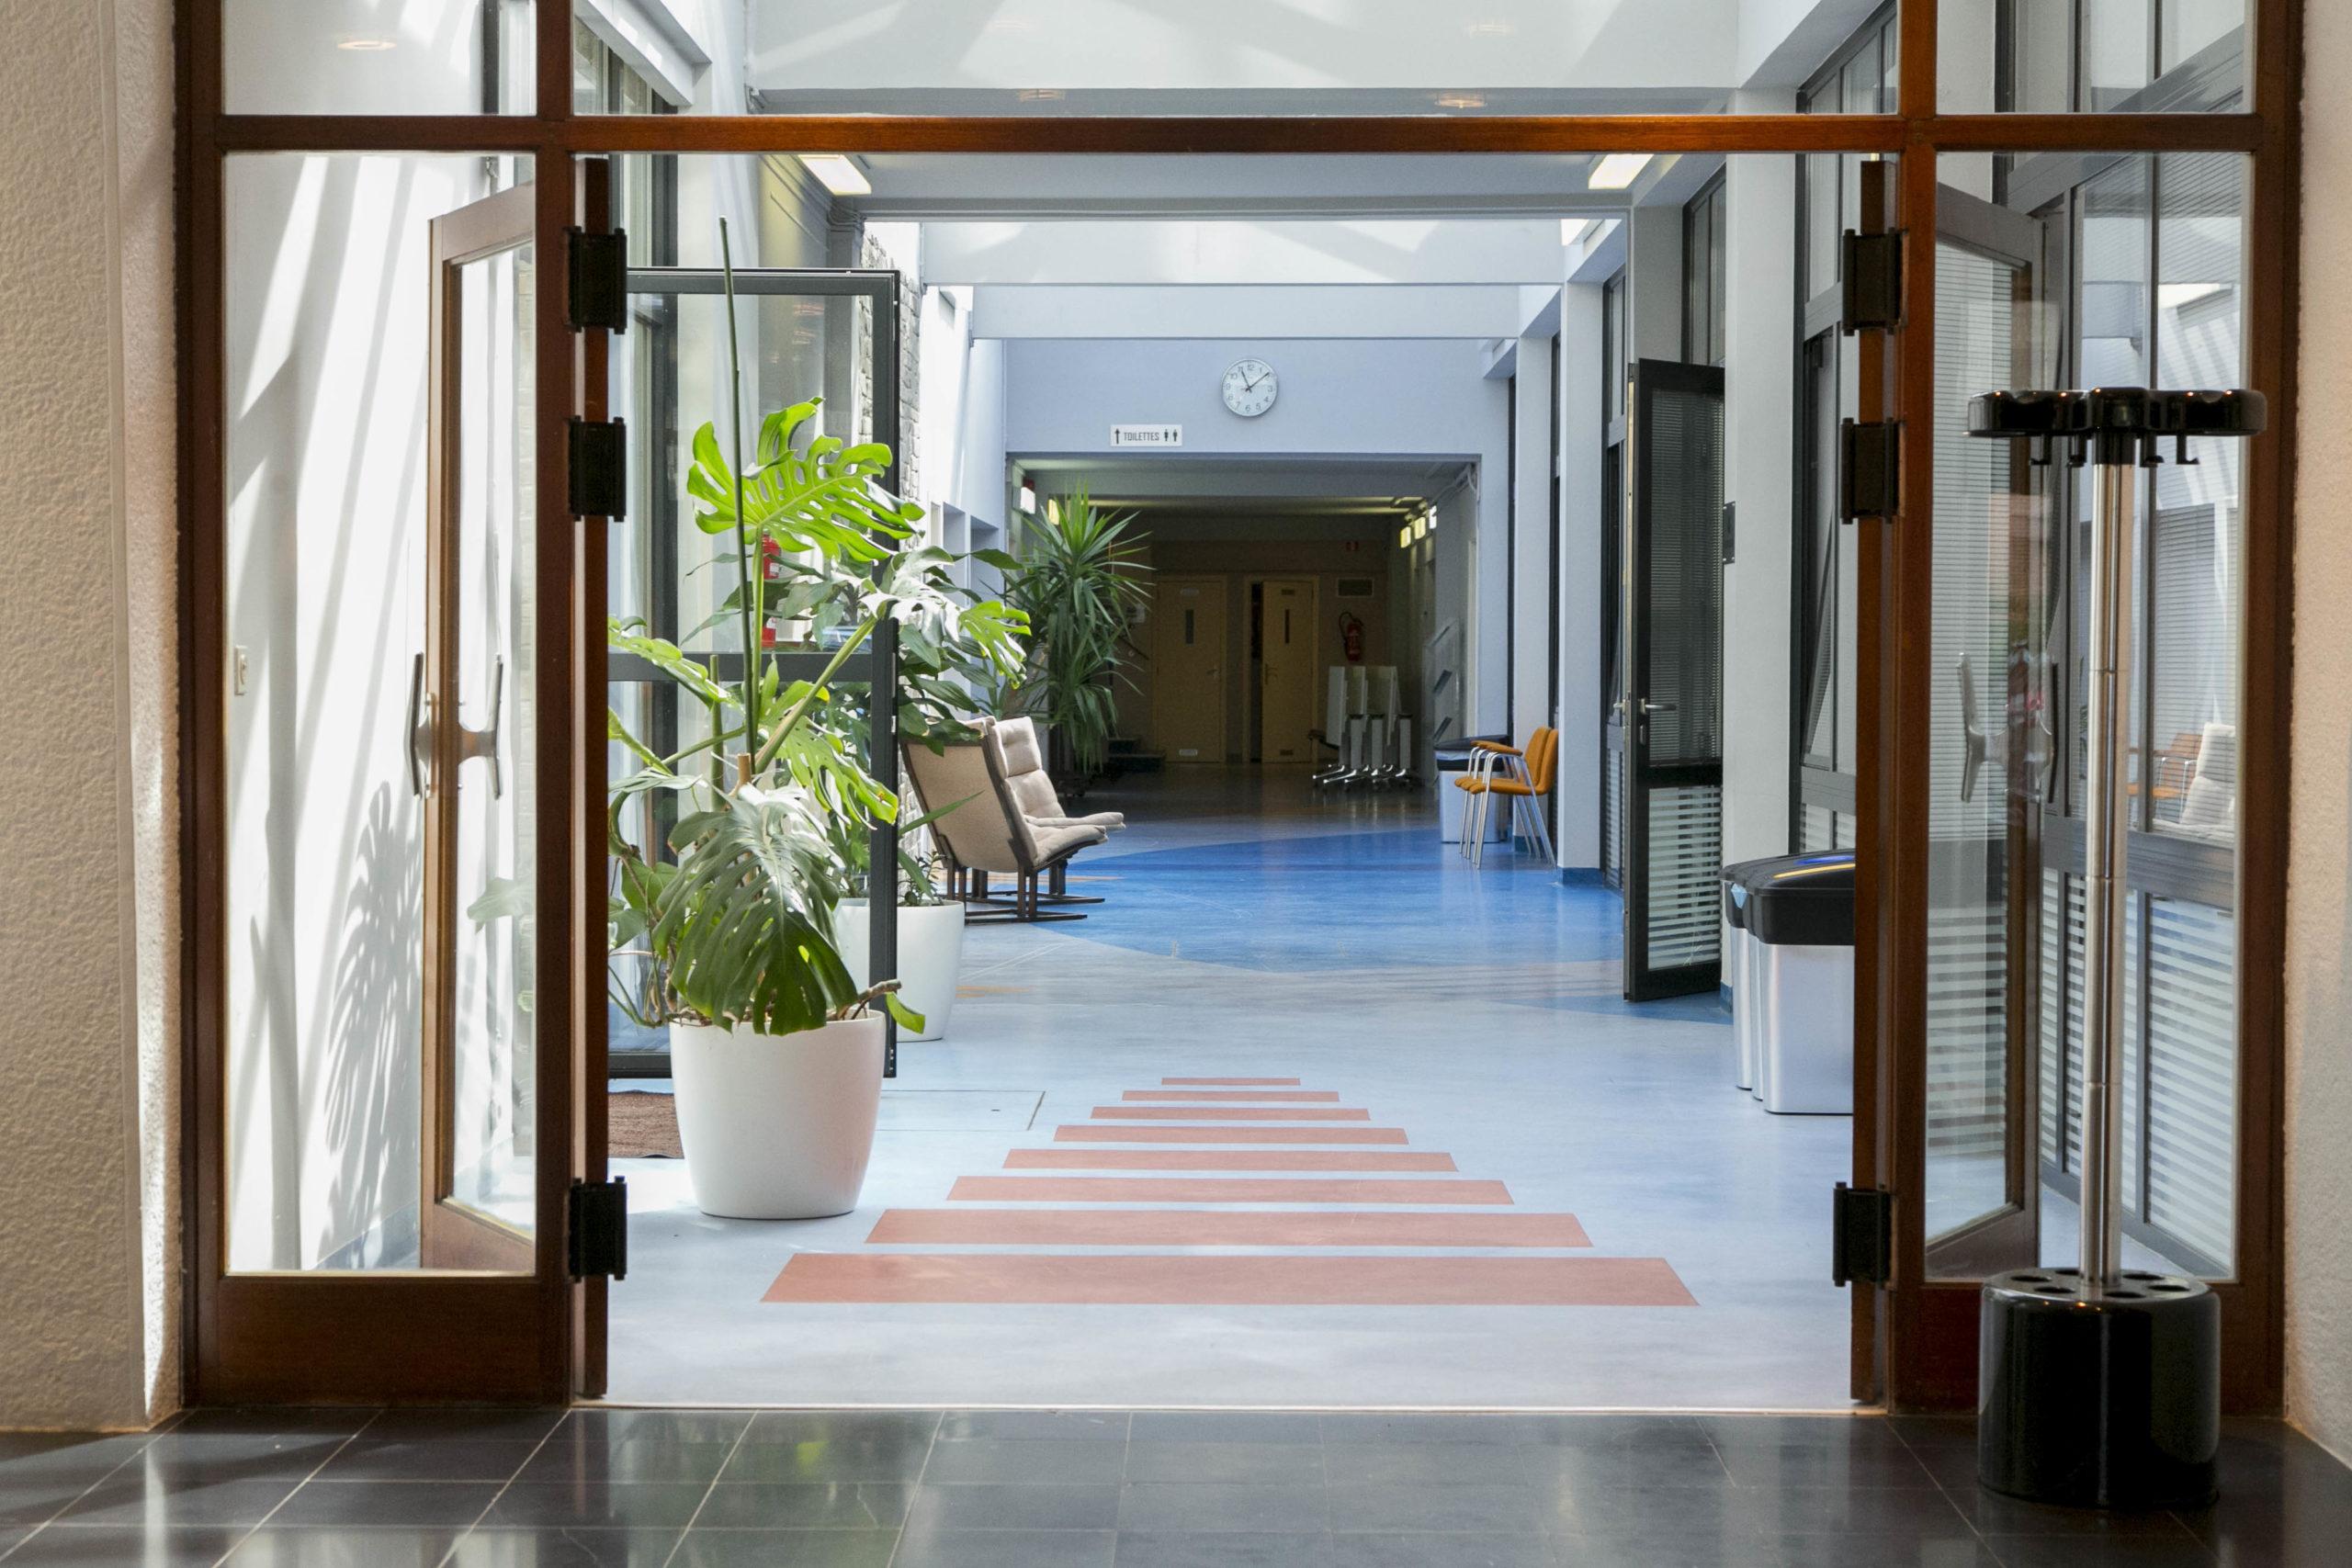 Réception - Maison des associations internationales - M.A.I.